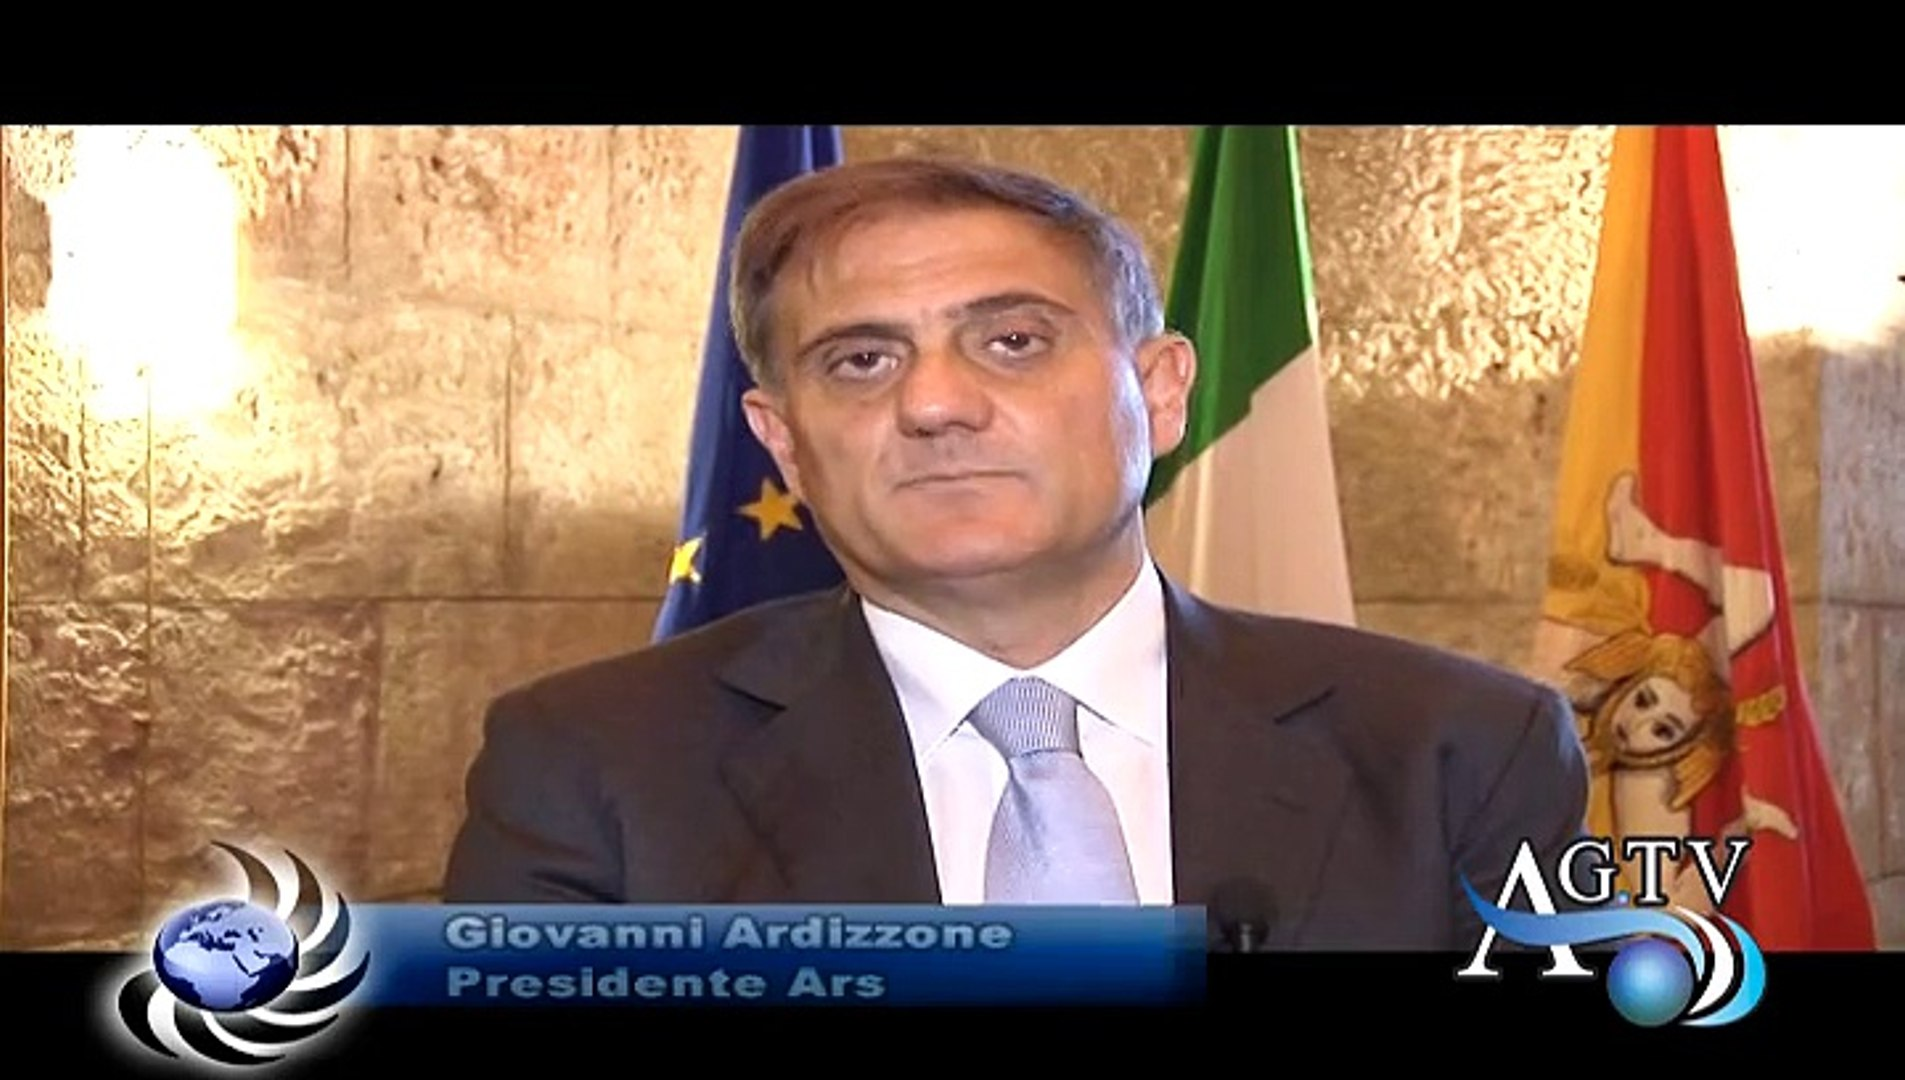 Ferdinando Botero a Palermo News AgTv